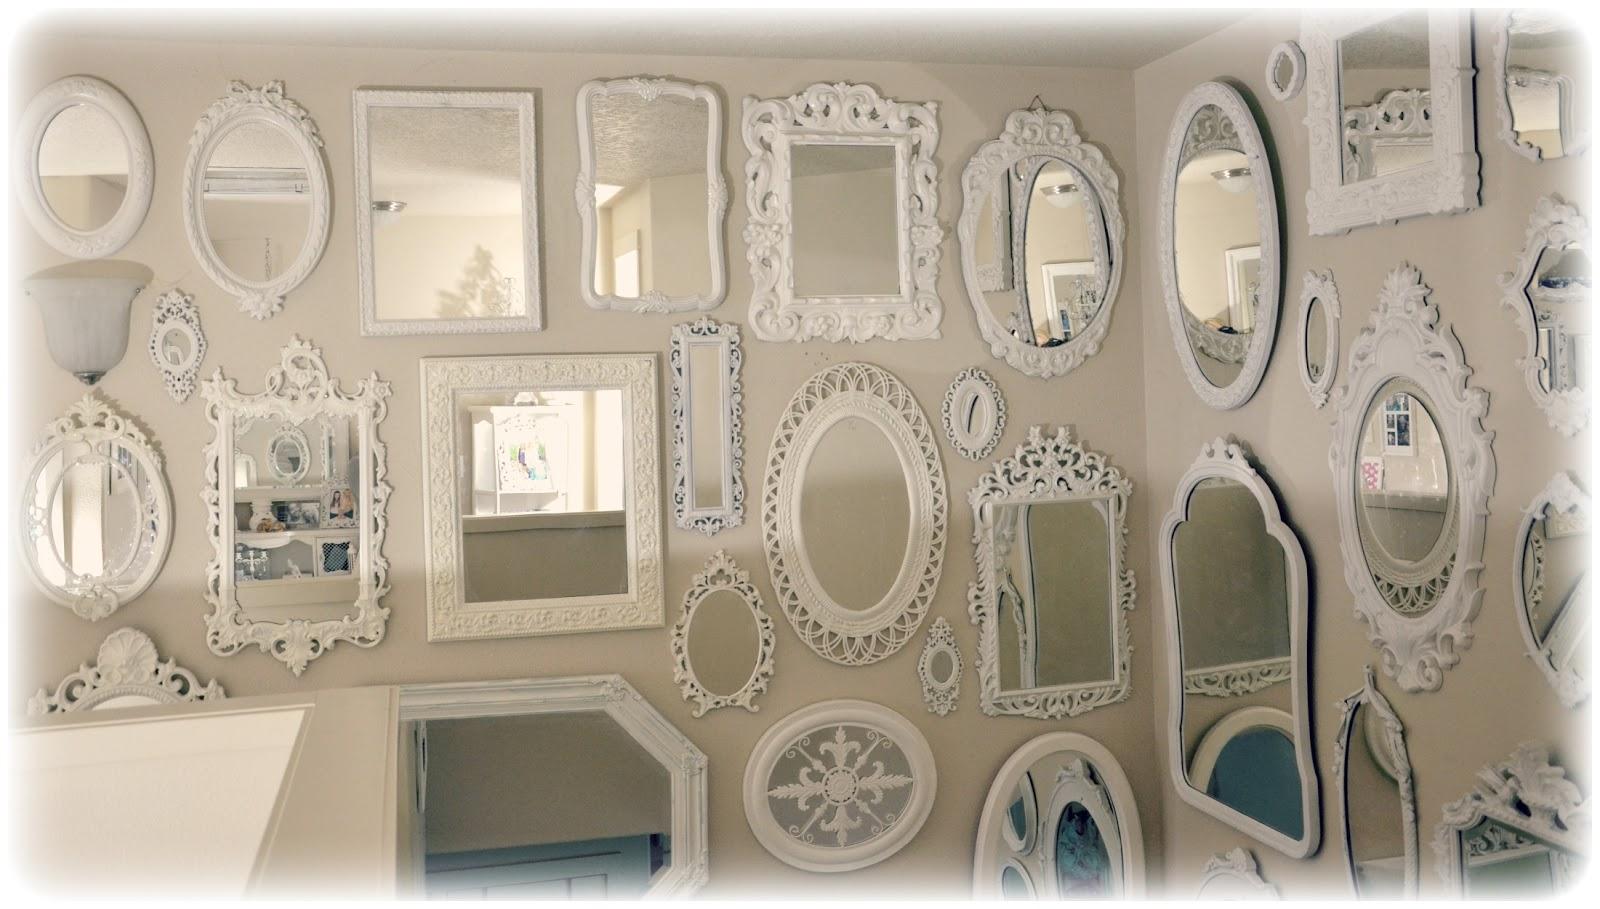 Shabby Chic: More Mirrors Mirrors Mirrors